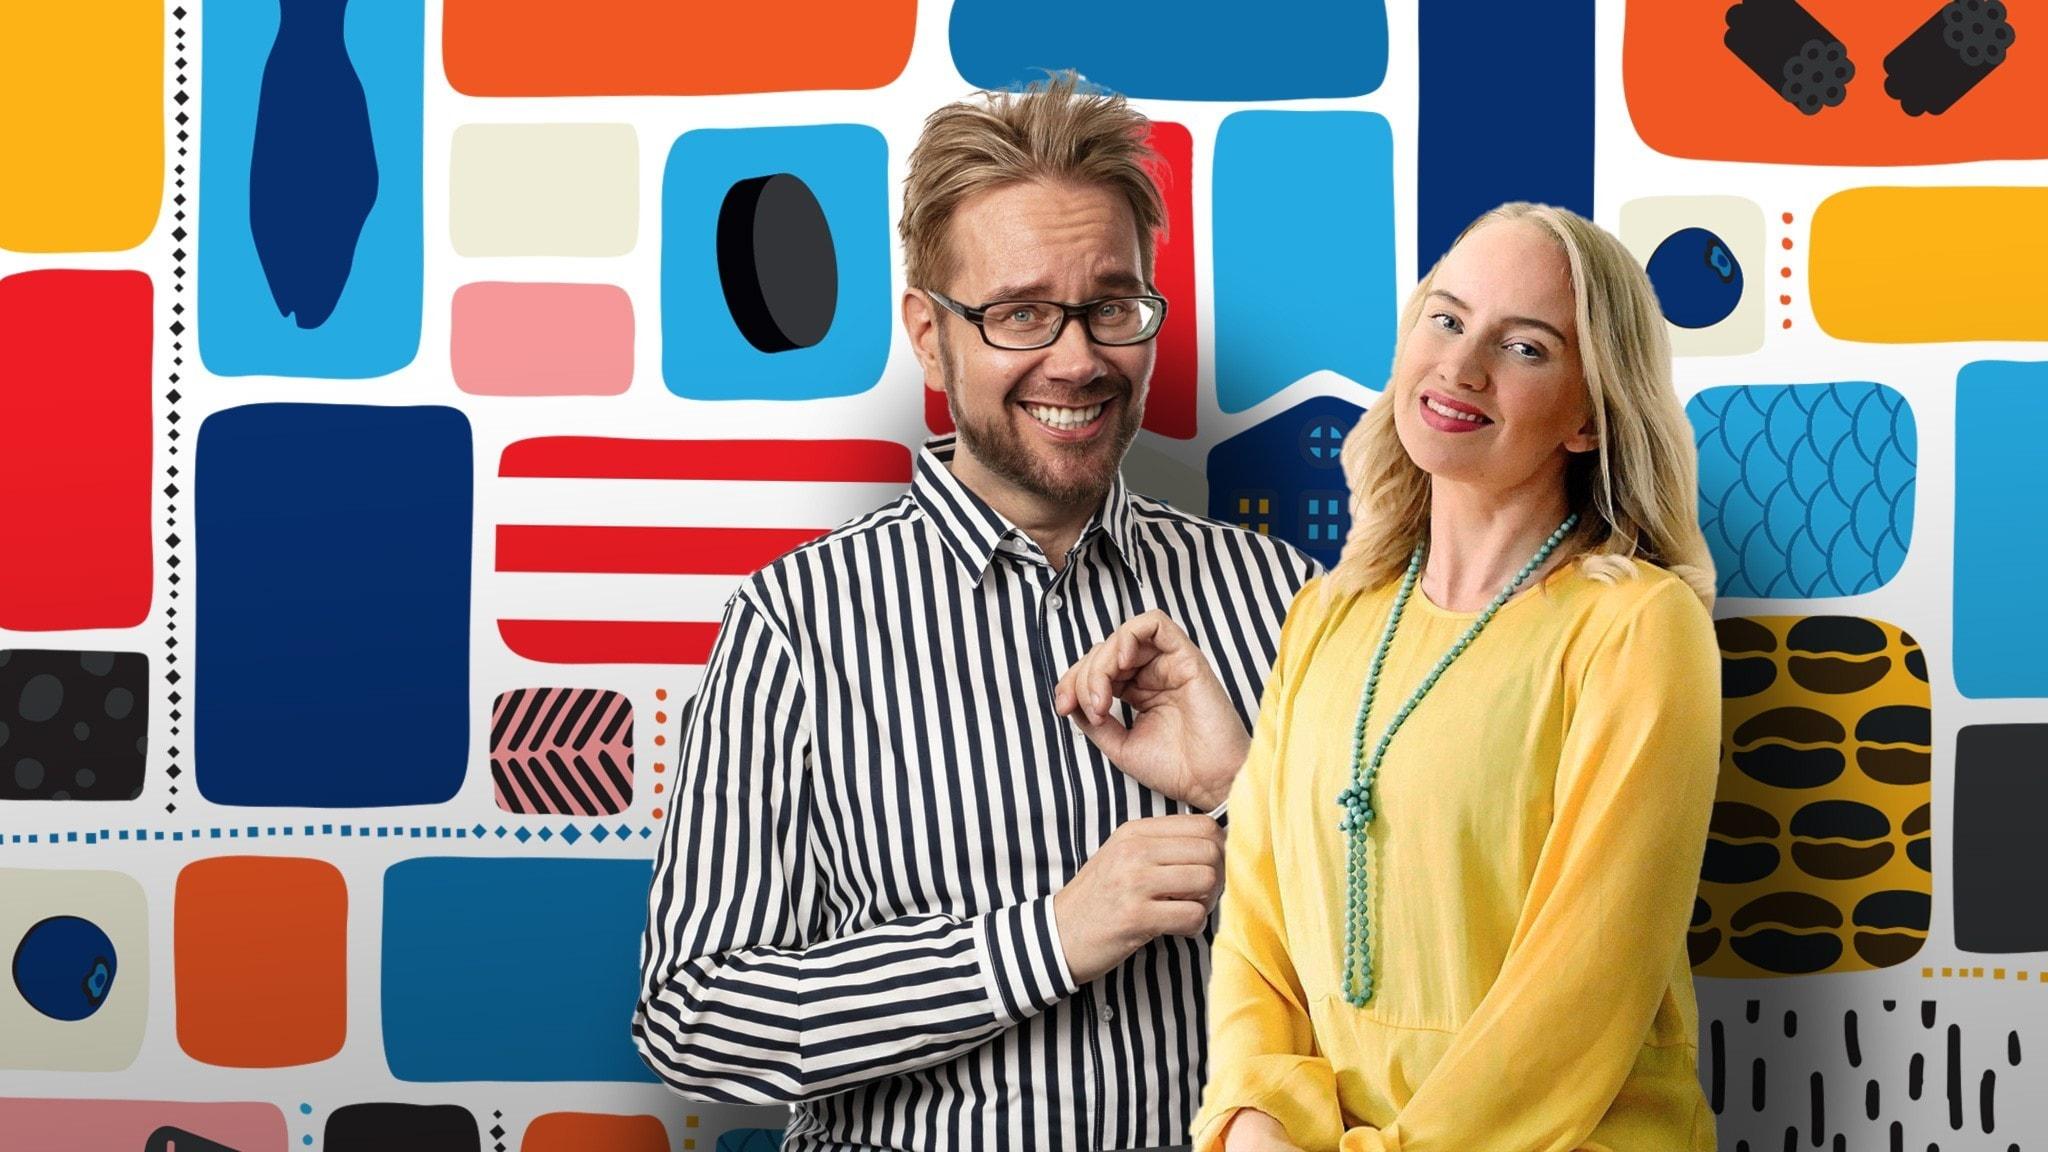 Programledarna Erkki och Tytti framför en färgglad bakgrund